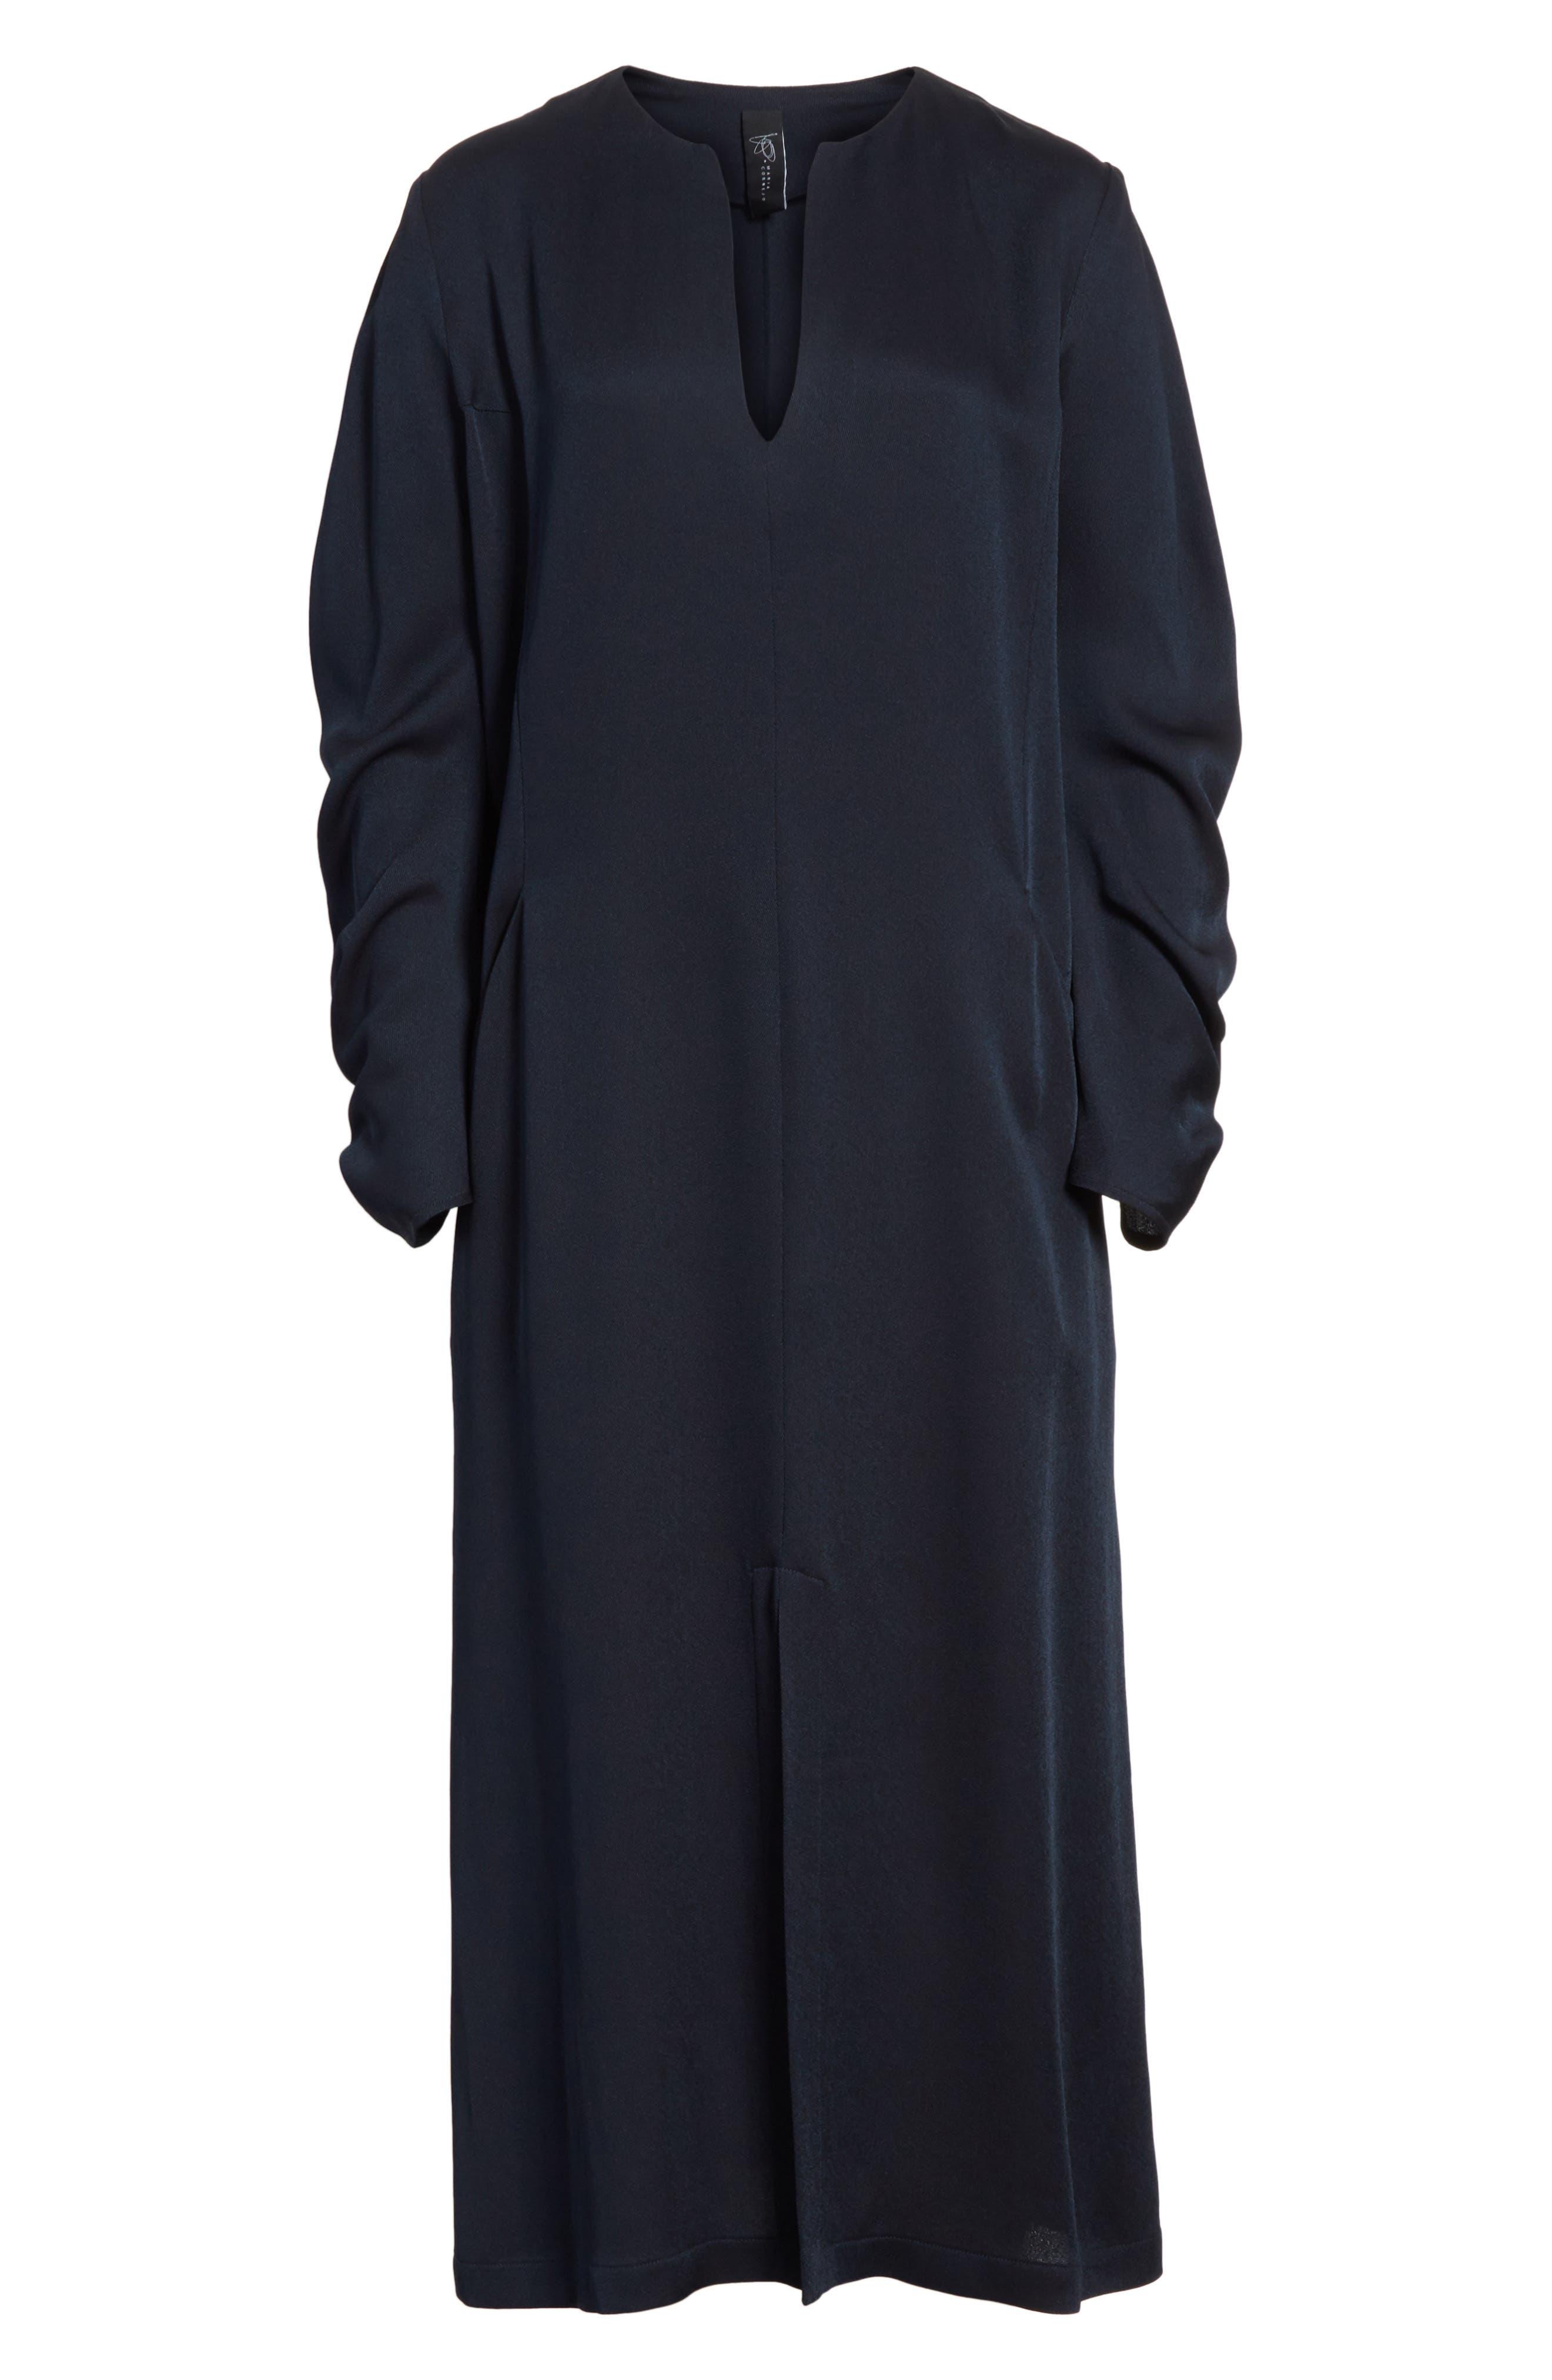 Eco Drape Midi Dress,                             Alternate thumbnail 6, color,                             007